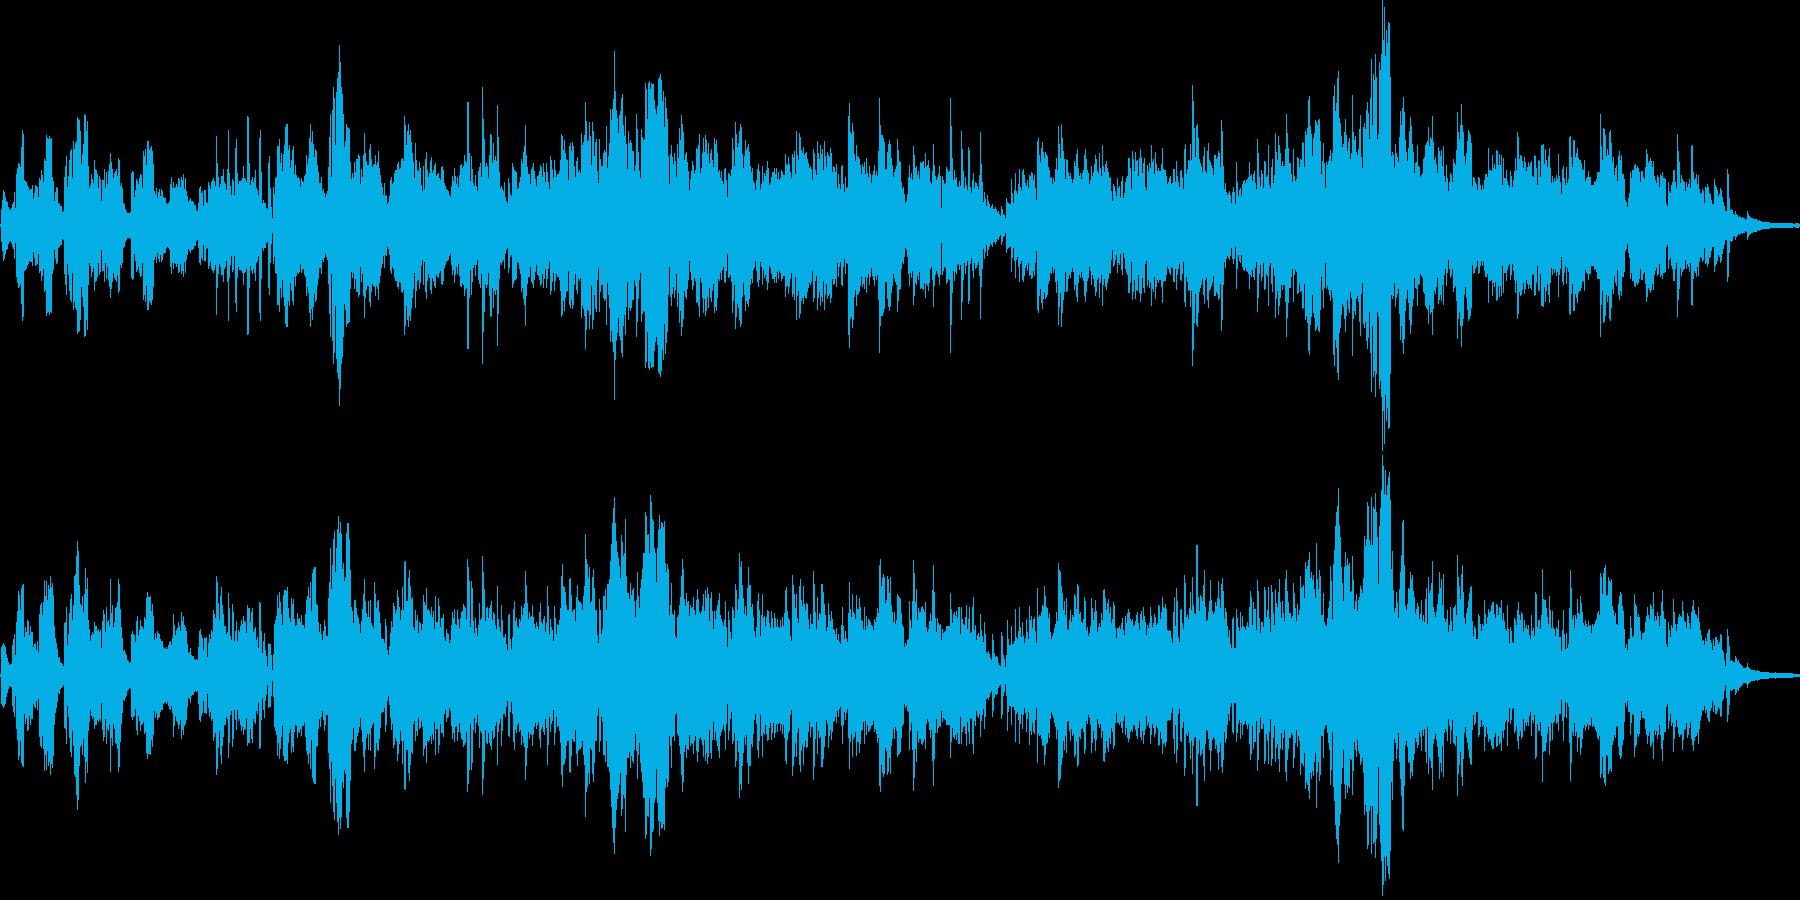 フルートとアコースティックギターの生音…の再生済みの波形